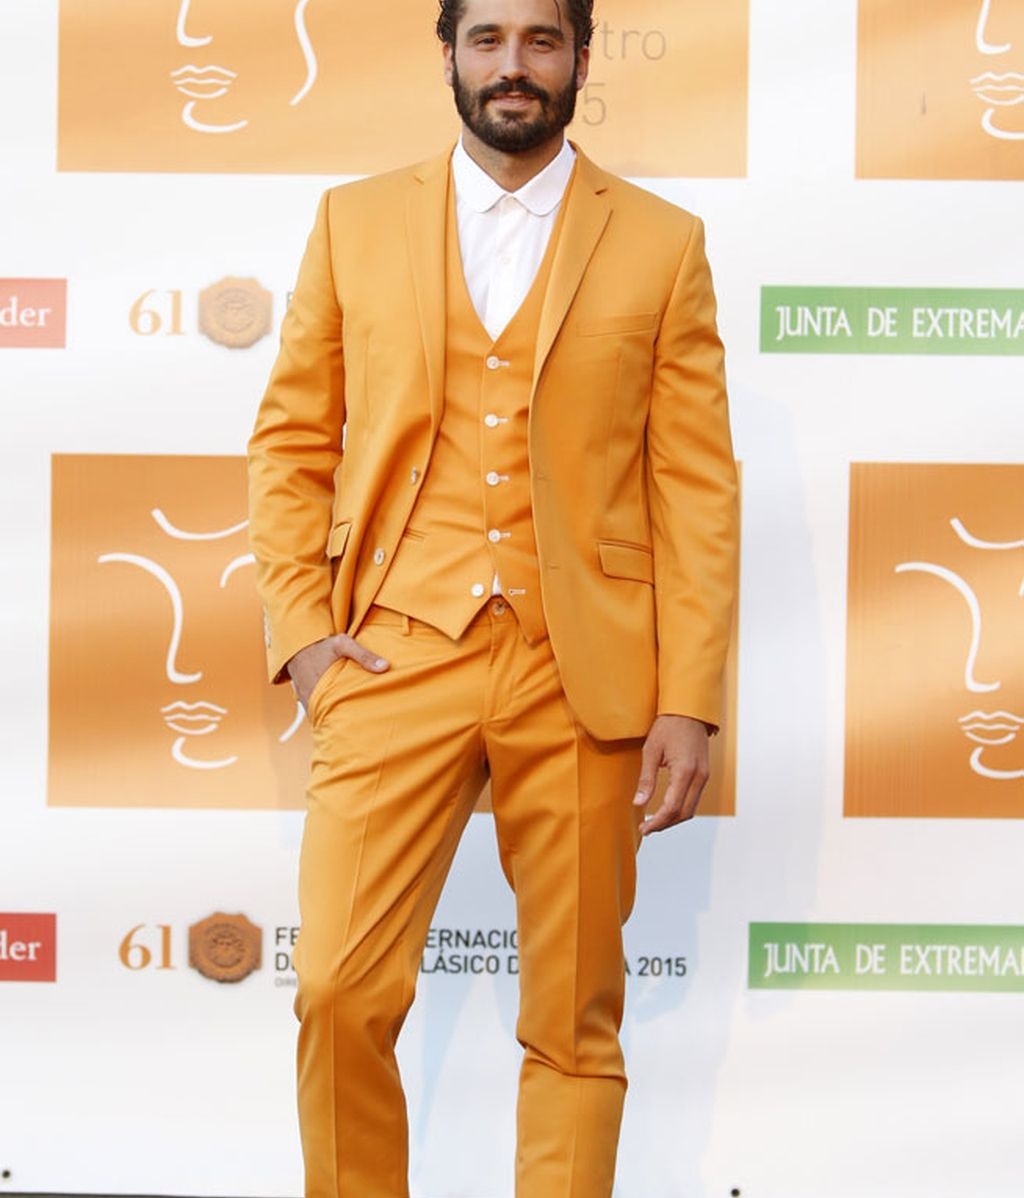 El actor Alex García, con un vistoso traje color mostaza